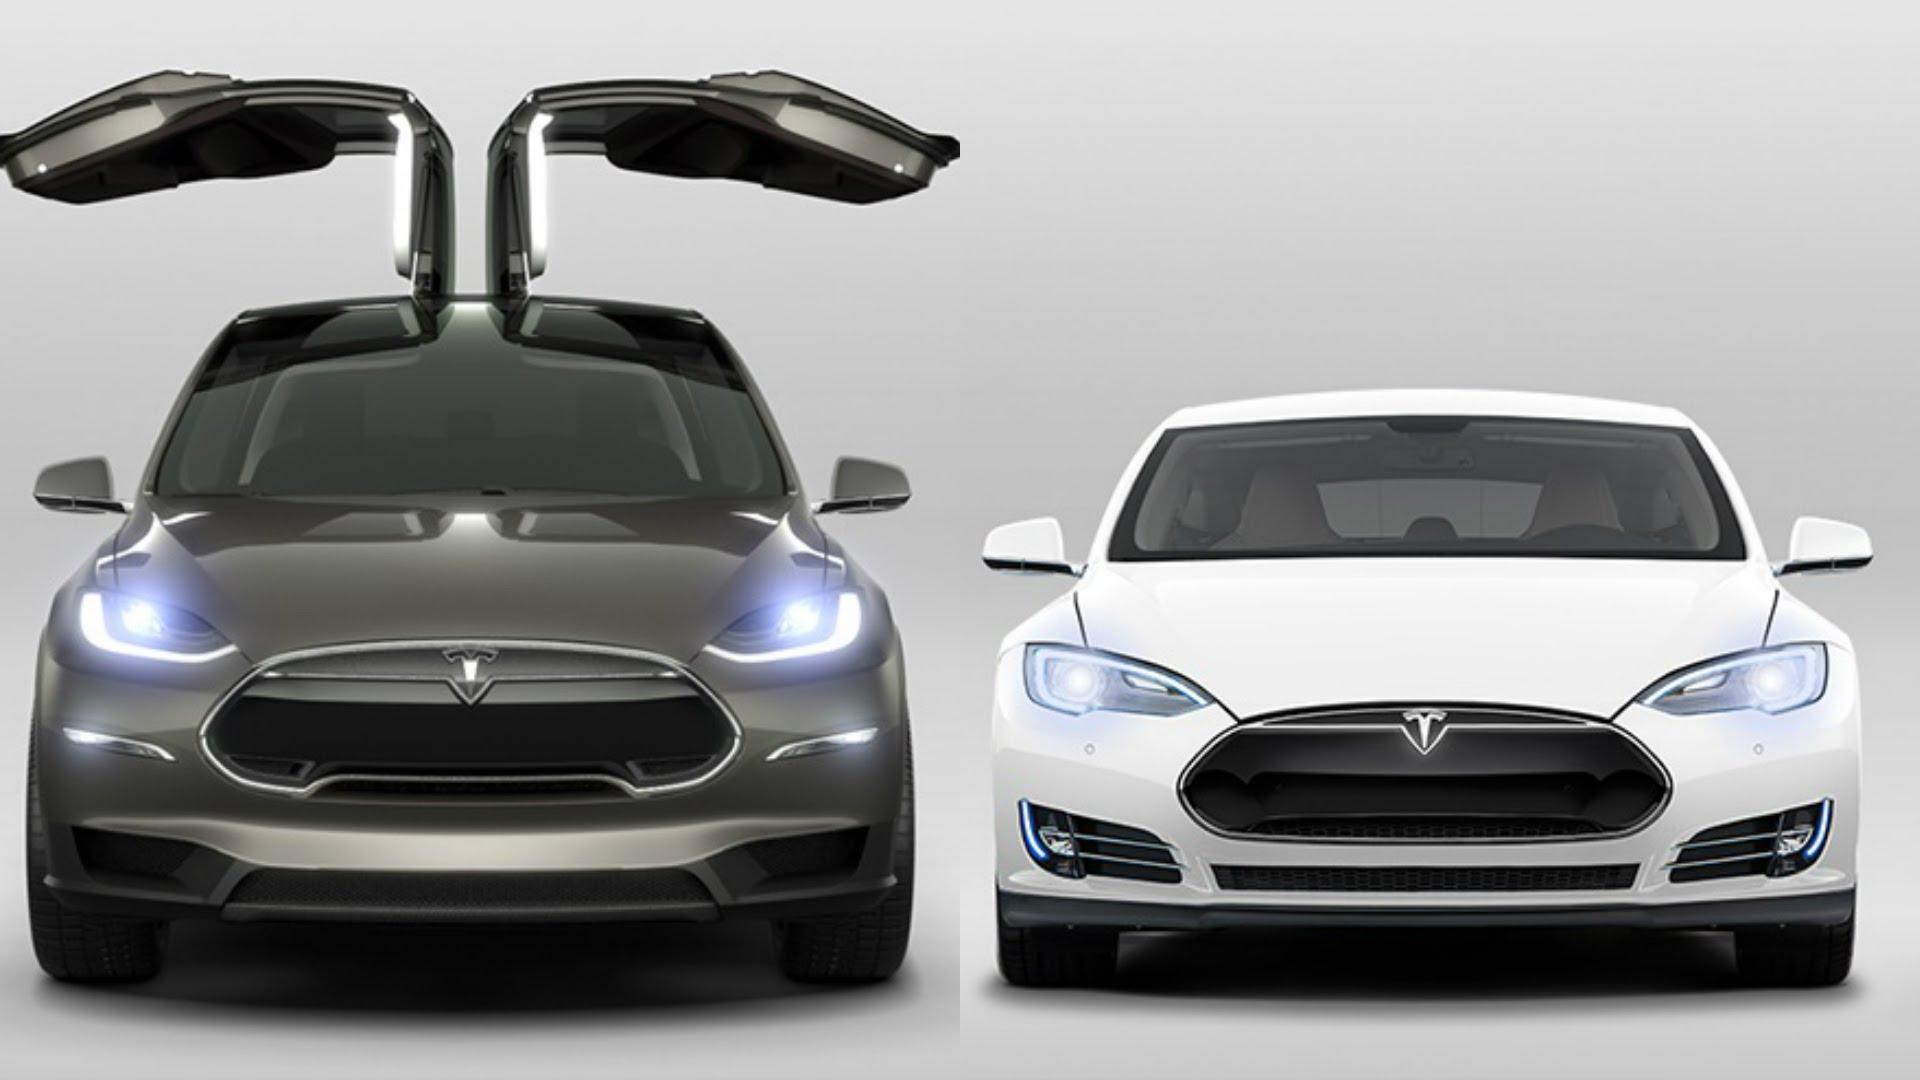 Tesla model s or x